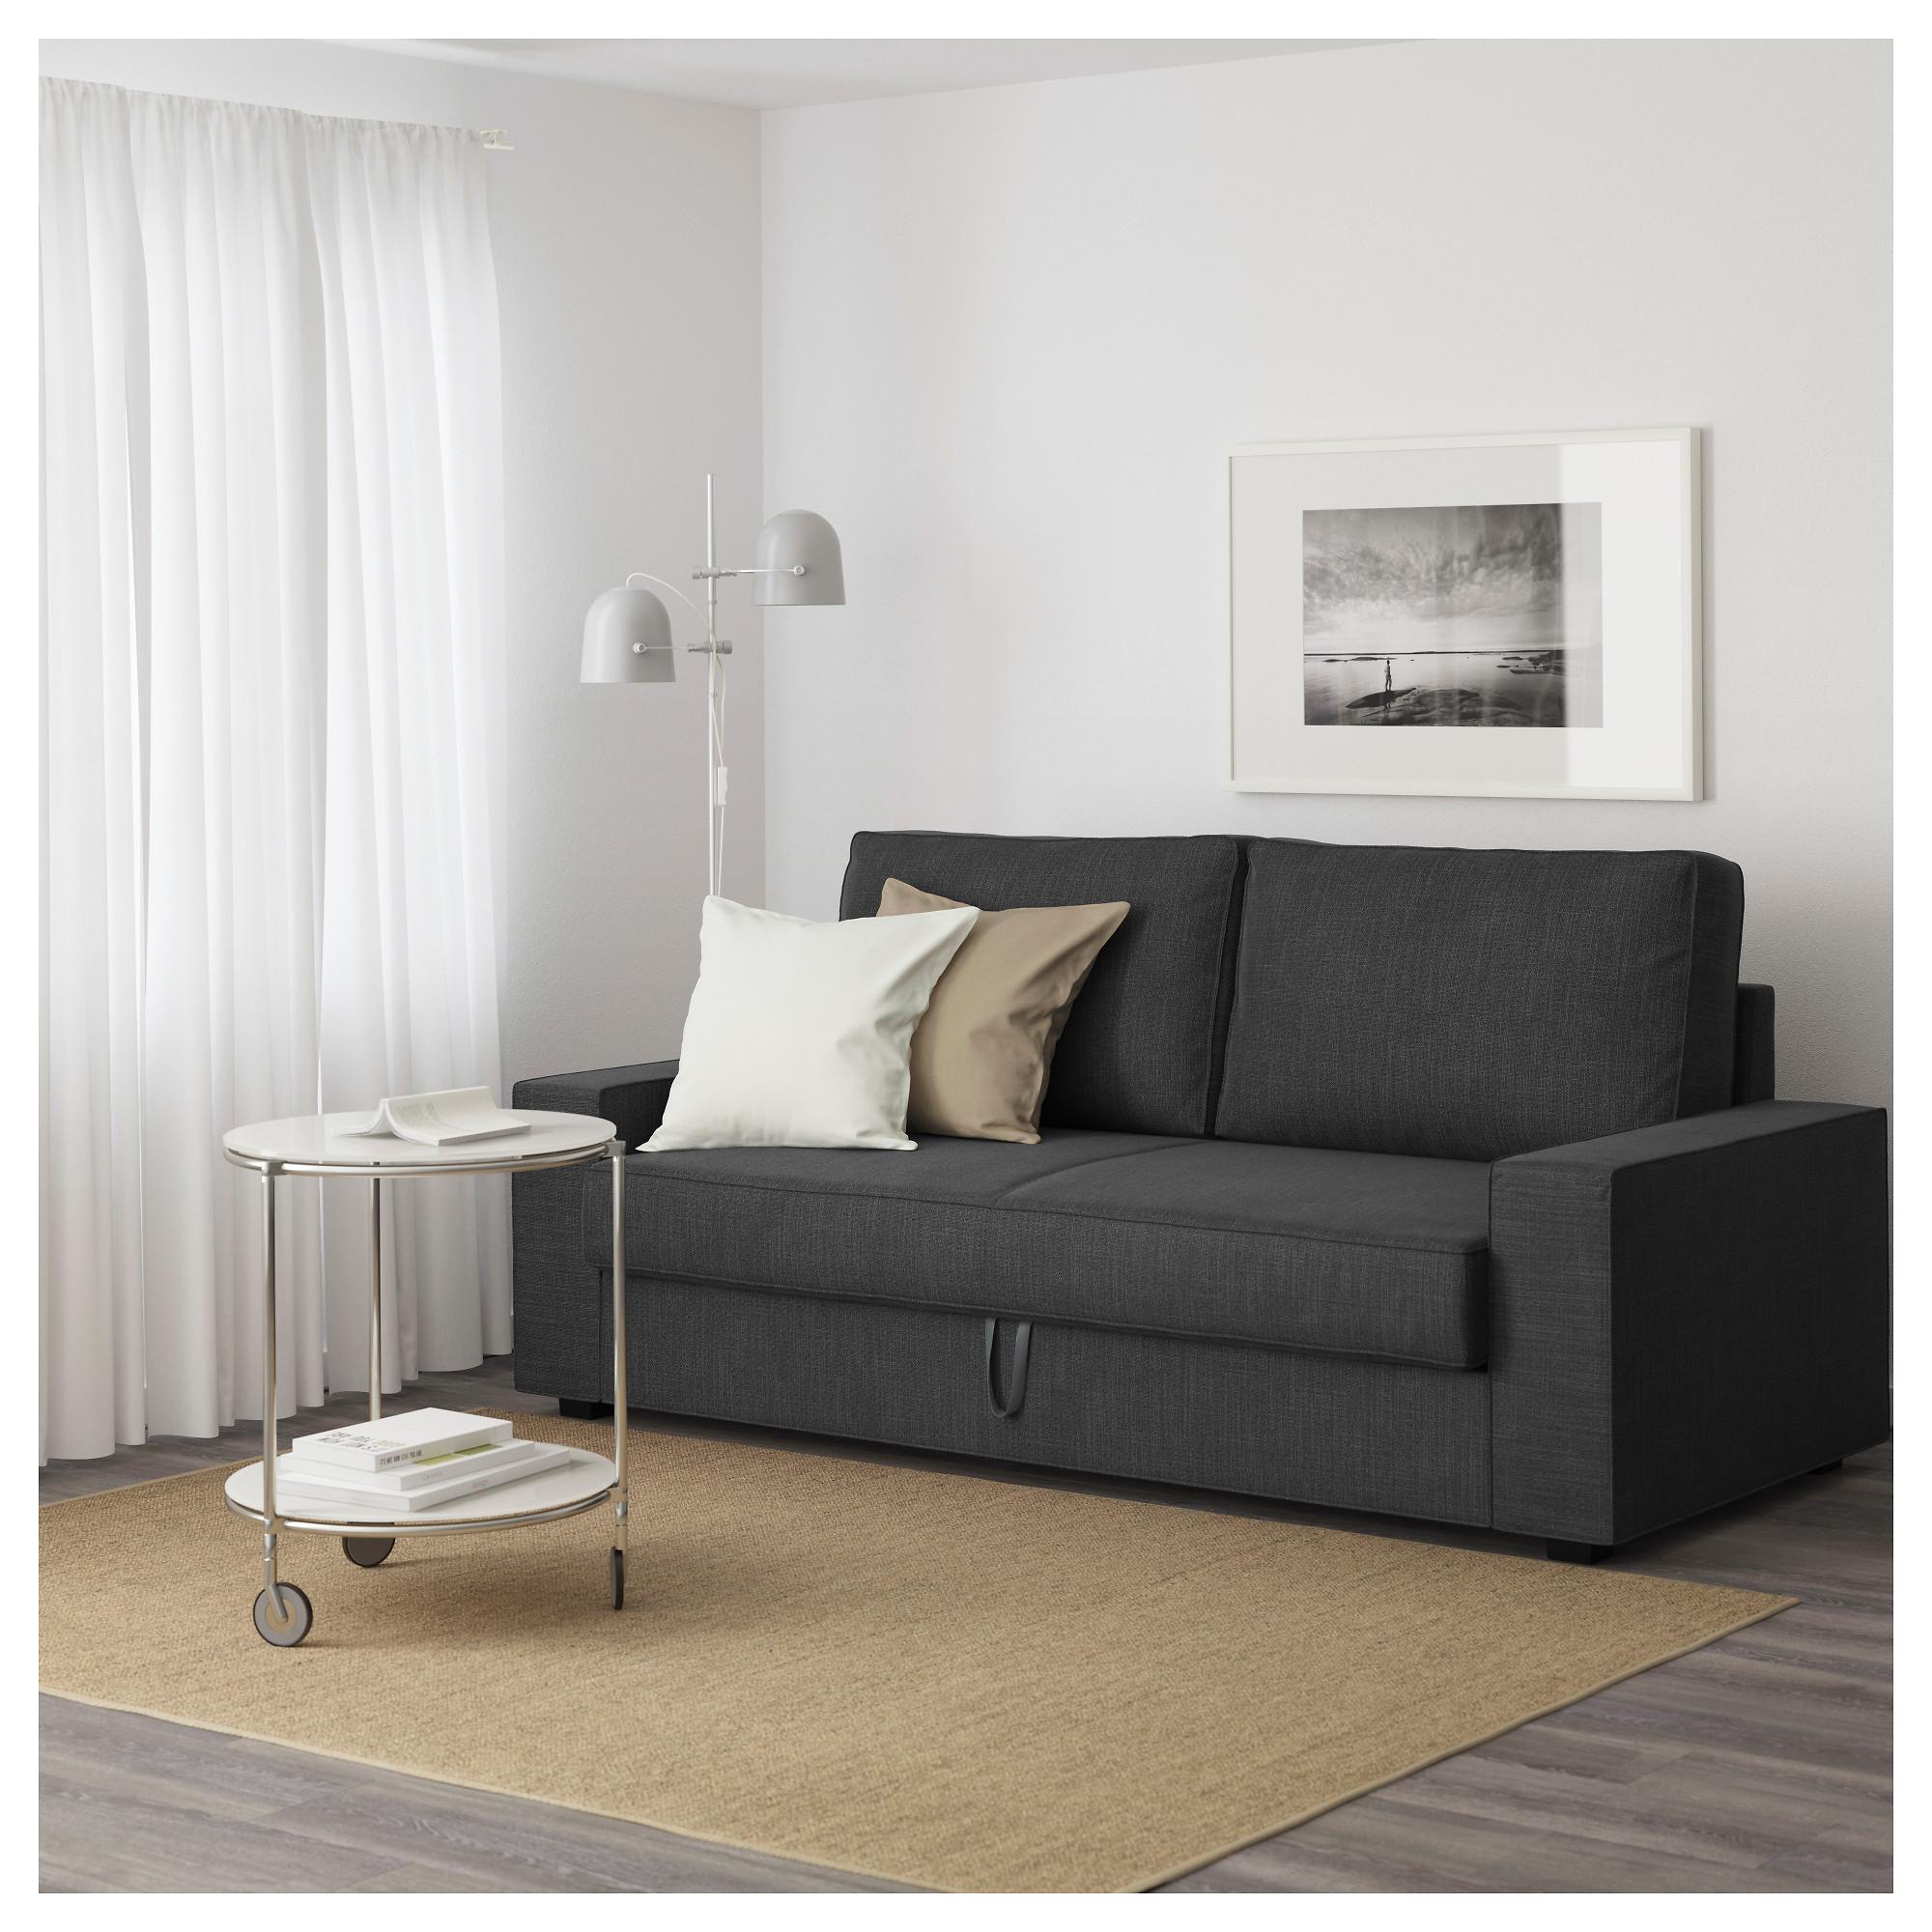 3-местный диван-кровать ВИЛАСУНД антрацит артикуль № 892.824.97 в наличии. Онлайн магазин ИКЕА Беларусь. Быстрая доставка и соборка.